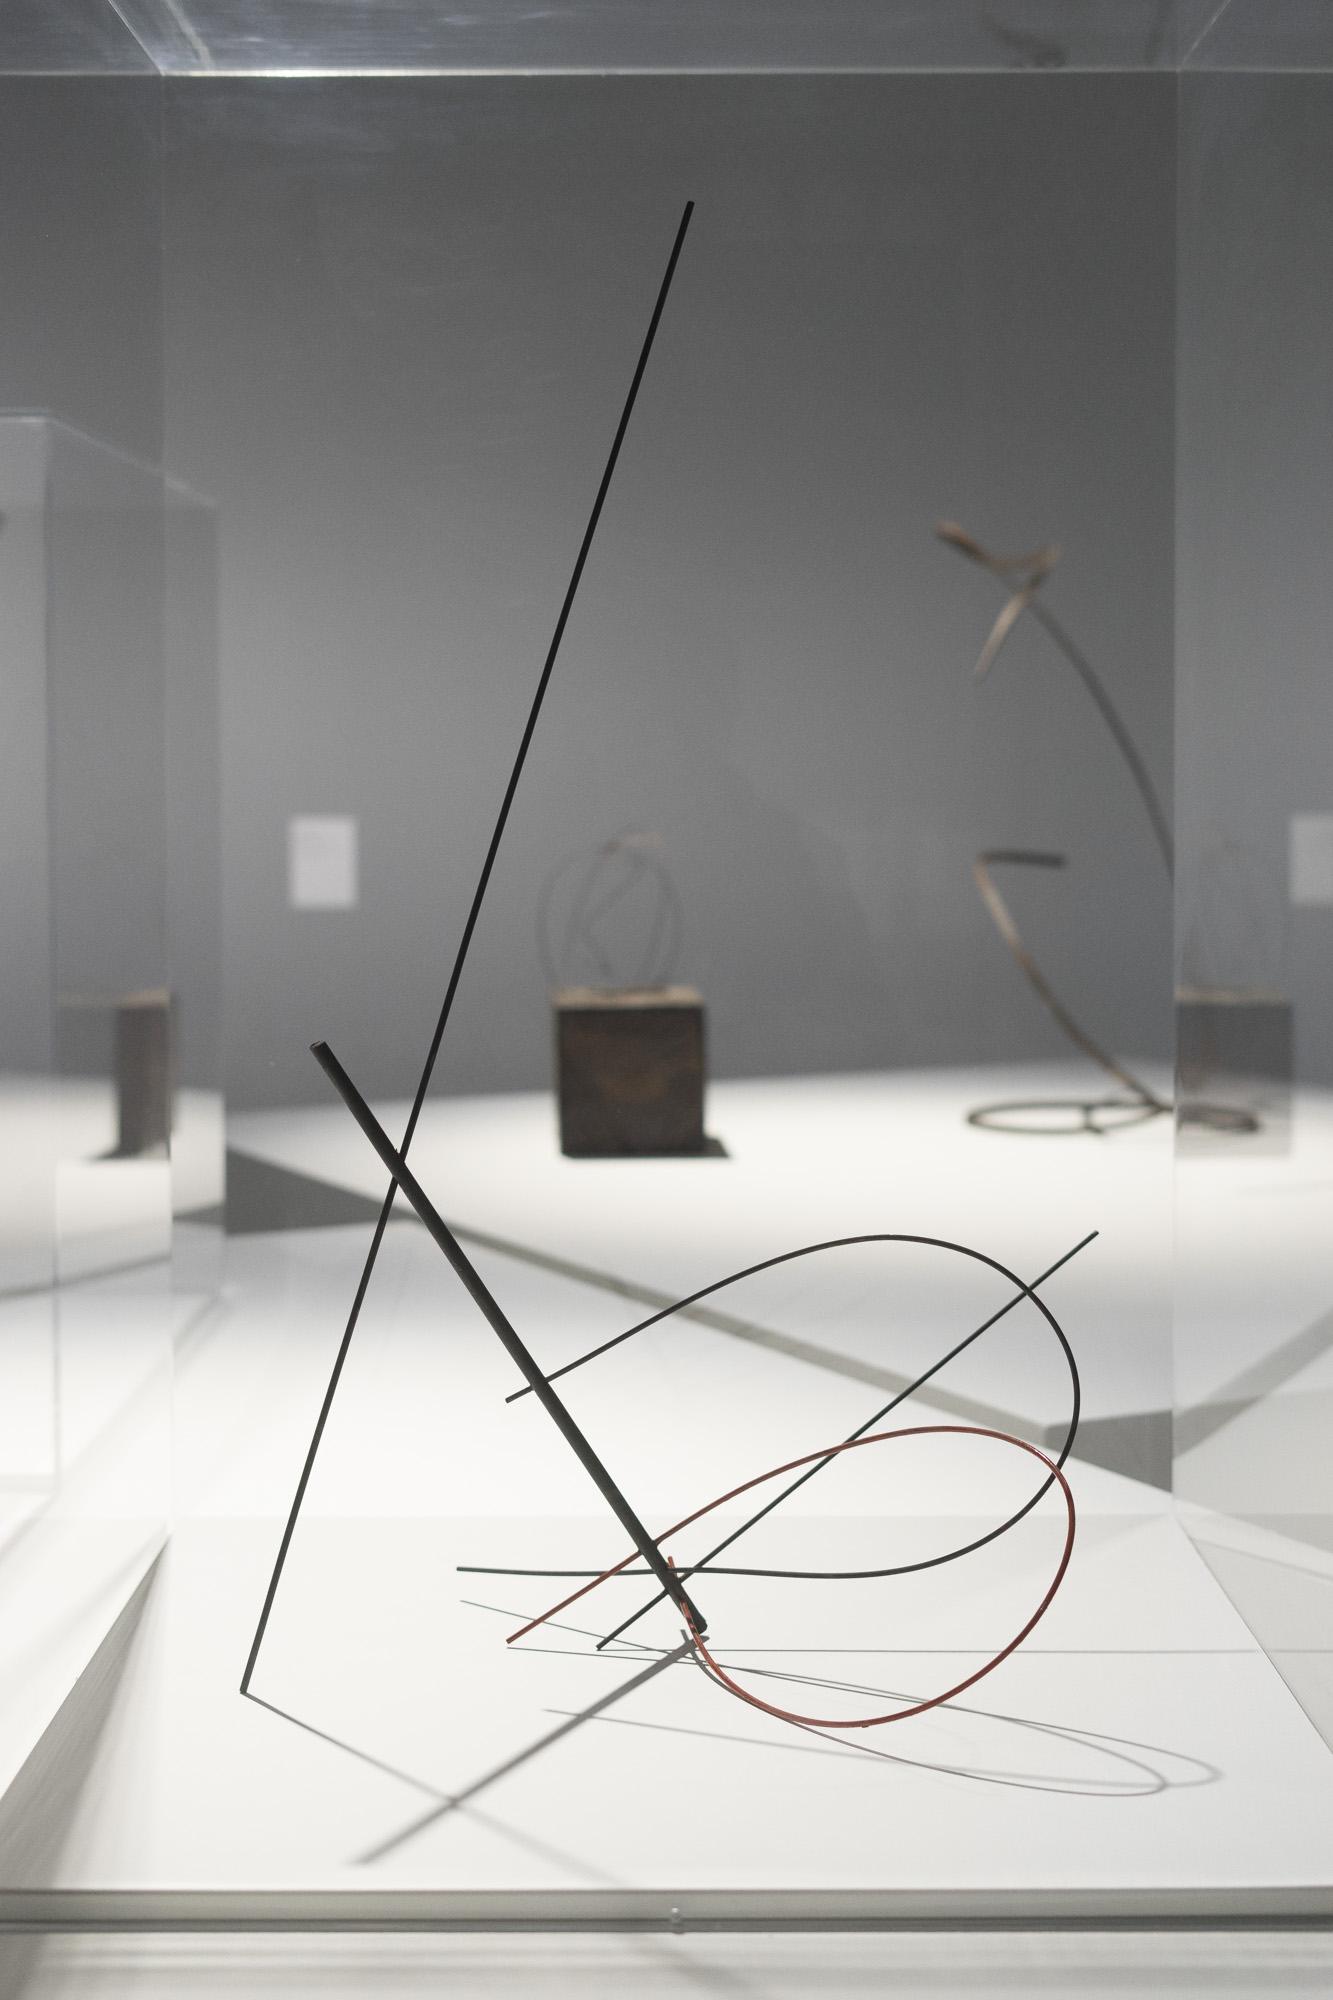 Construcción espacial, 1947. Obra de Enio Iommi,presente en la muestra Negativer Raum / Espacio Negativo / Negative Space, perteneciente a la fundación Daros. Foto: Leonardo Antoniadis.